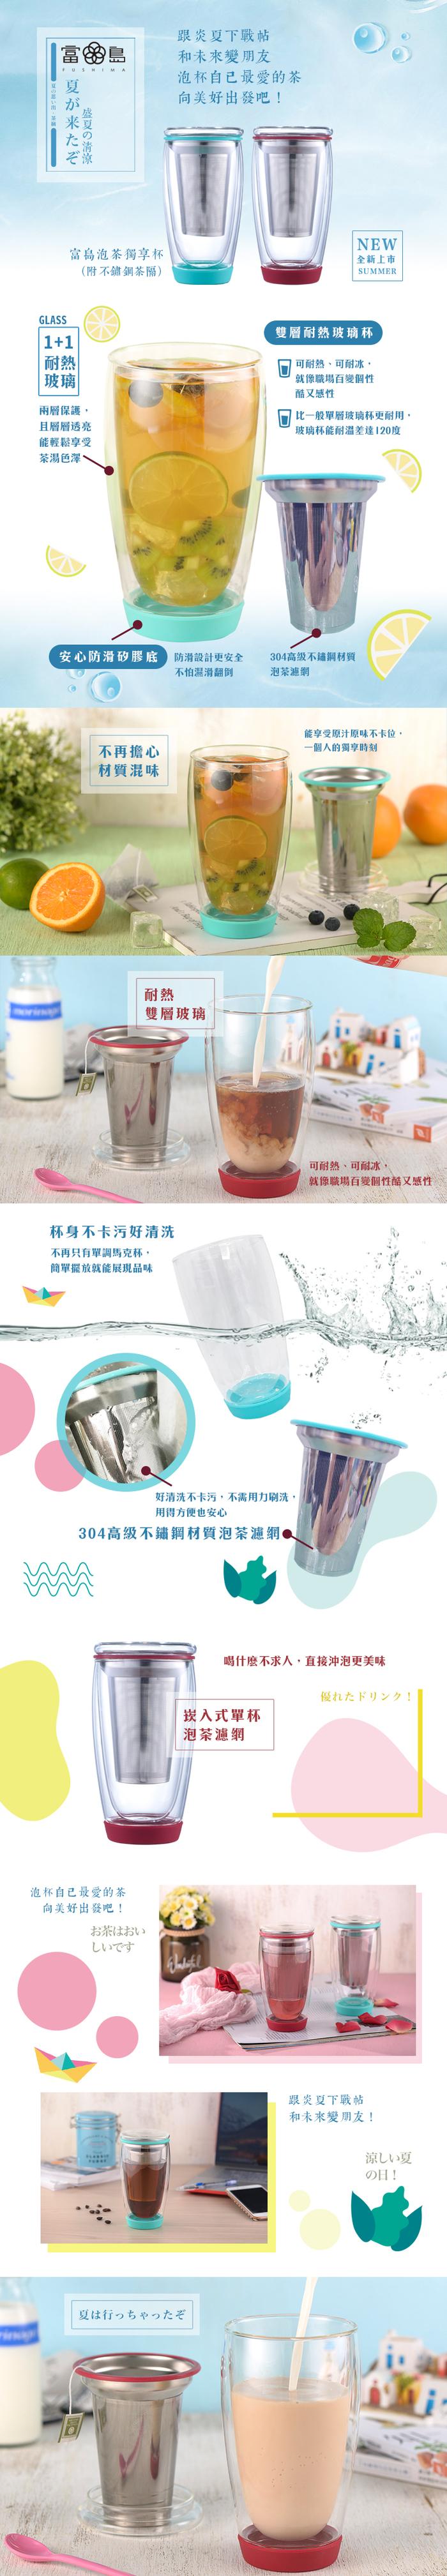 (複製)FUSHIMA 富島 禪風雅雙層隔熱厚底玻璃隨手瓶430ML(2色可選)